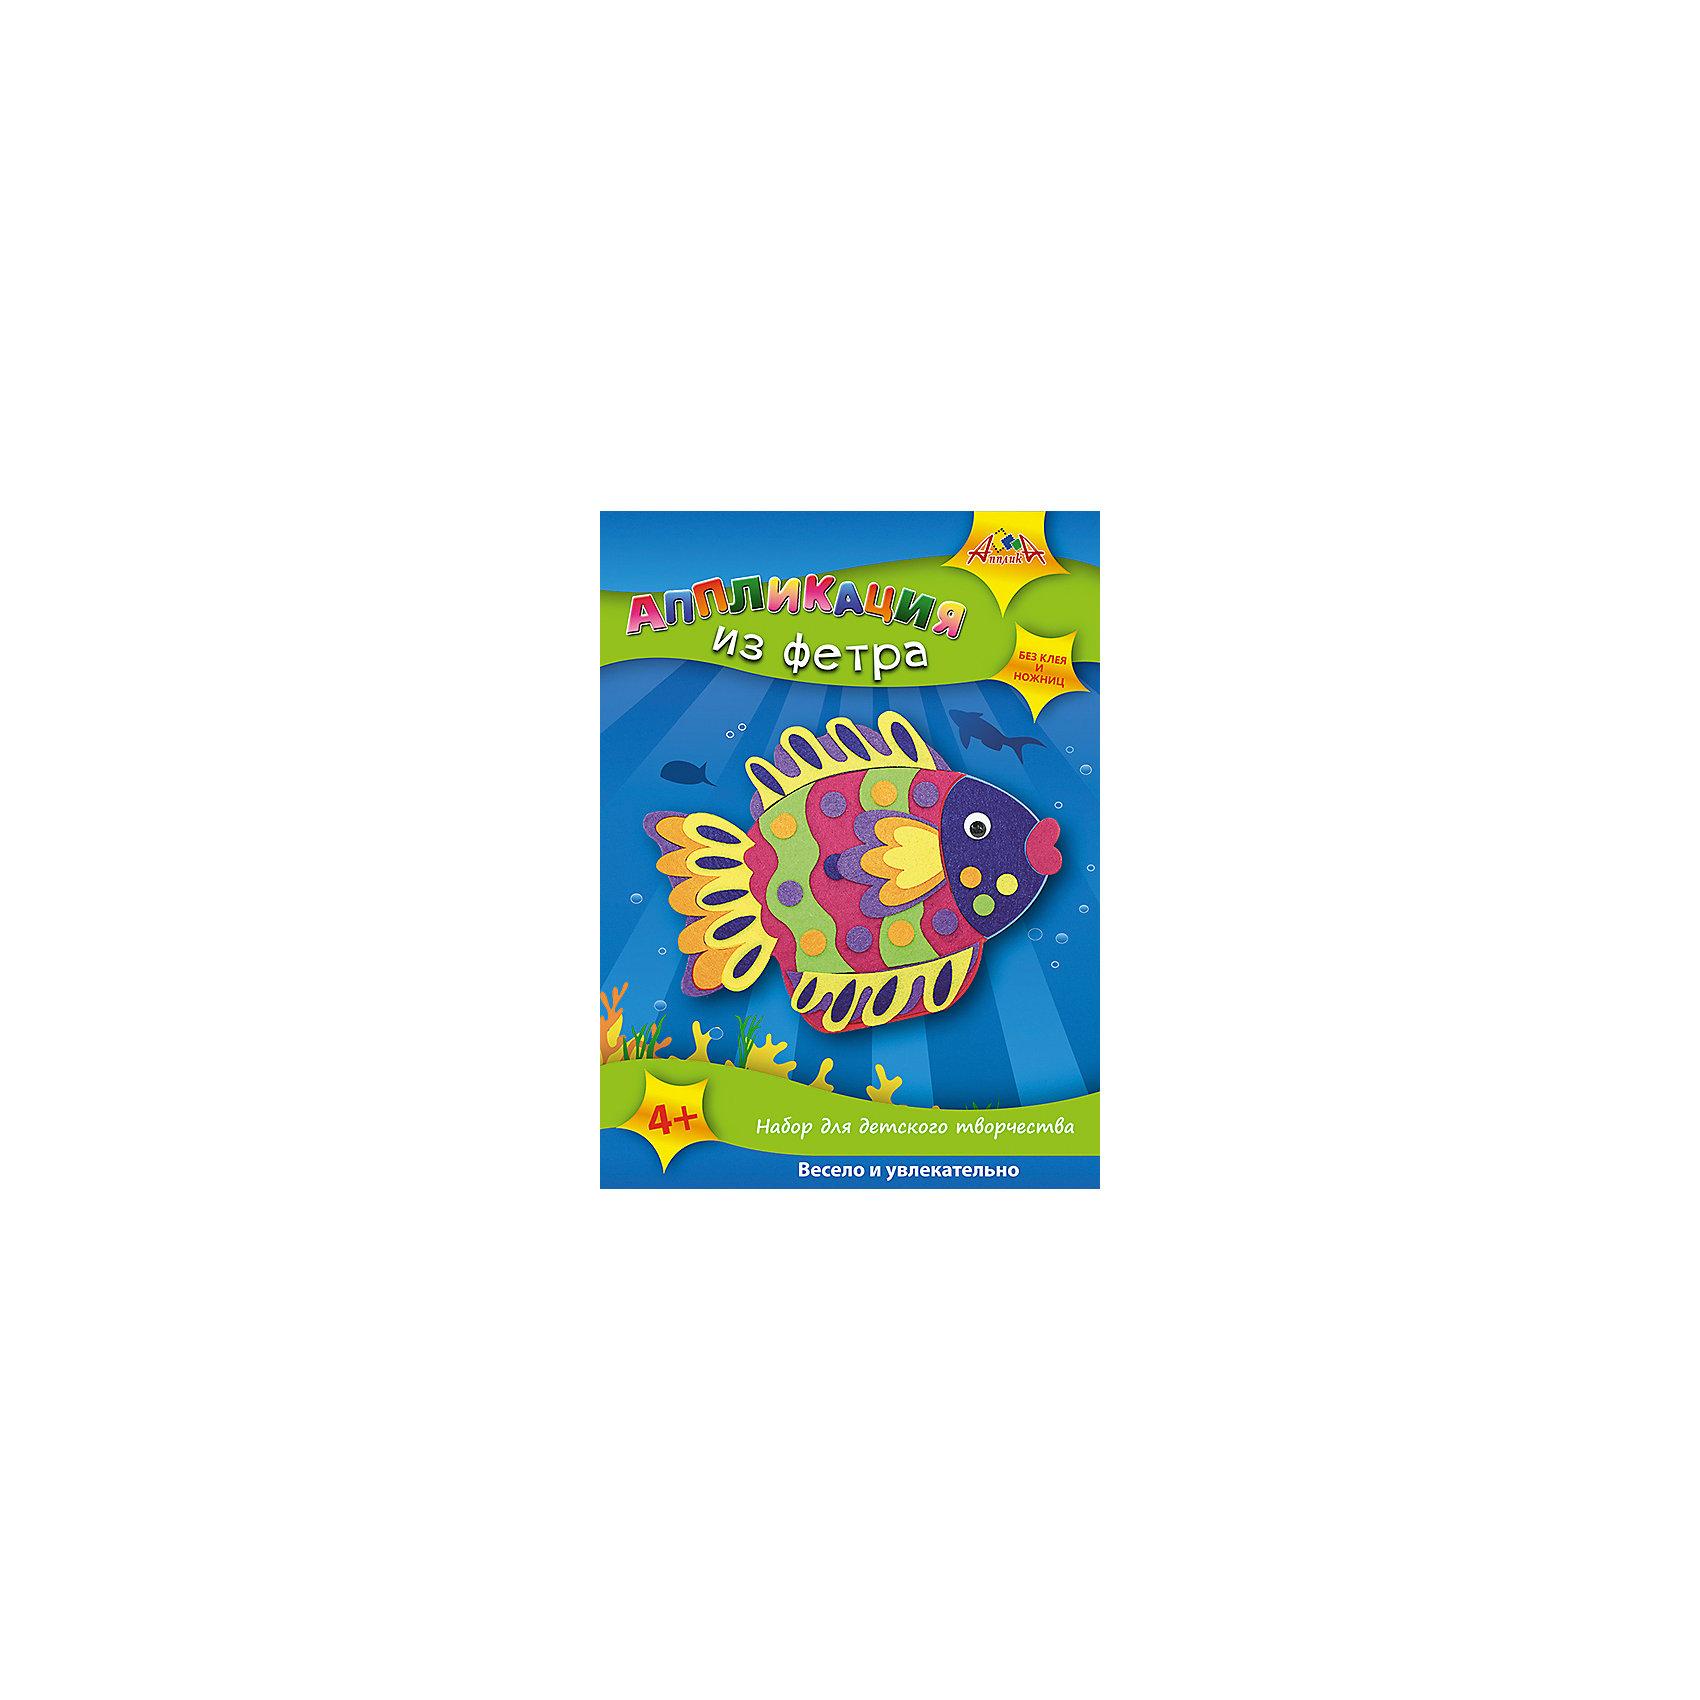 Набор для детского творчества Аппликация из фетра  Птичка, Рыбка и ЩенокБумага<br>Характеристики:<br><br>• возраст: от 4 лет<br>• комплектация: 3 цветные картонные основы, вырубленные по контуру поделки; вырубленные элементы из самоклеящегося фетра<br>• размер упаковки: 28,5х18х2 см.<br>• вес: 145 гр.<br><br>Набор для творчества позволит создать аппликации из фетра, которые станут ярким украшением детской комнаты. С помощью деталей набора дети смогут создать три картинки с изображением птички, рыбки и щенка.<br><br>Процесс создания картин прост, а результат великолепен. Для работы не потребуется ни клея, ни ножниц. Чтобы сделать аппликацию, необходимо отделить фетр от защитного слоя и приклеить к основе.<br><br>Набор способствует развитию мелкой моторики, усидчивости, аккуратности и творческих способностей.<br><br>Набор для детского творчества «Аппликация из фетра Птичка, Рыбка и Щенок» можно купить в нашем интернет-магазине.<br><br>Ширина мм: 285<br>Глубина мм: 180<br>Высота мм: 20<br>Вес г: 145<br>Возраст от месяцев: 60<br>Возраст до месяцев: 2147483647<br>Пол: Унисекс<br>Возраст: Детский<br>SKU: 7033663